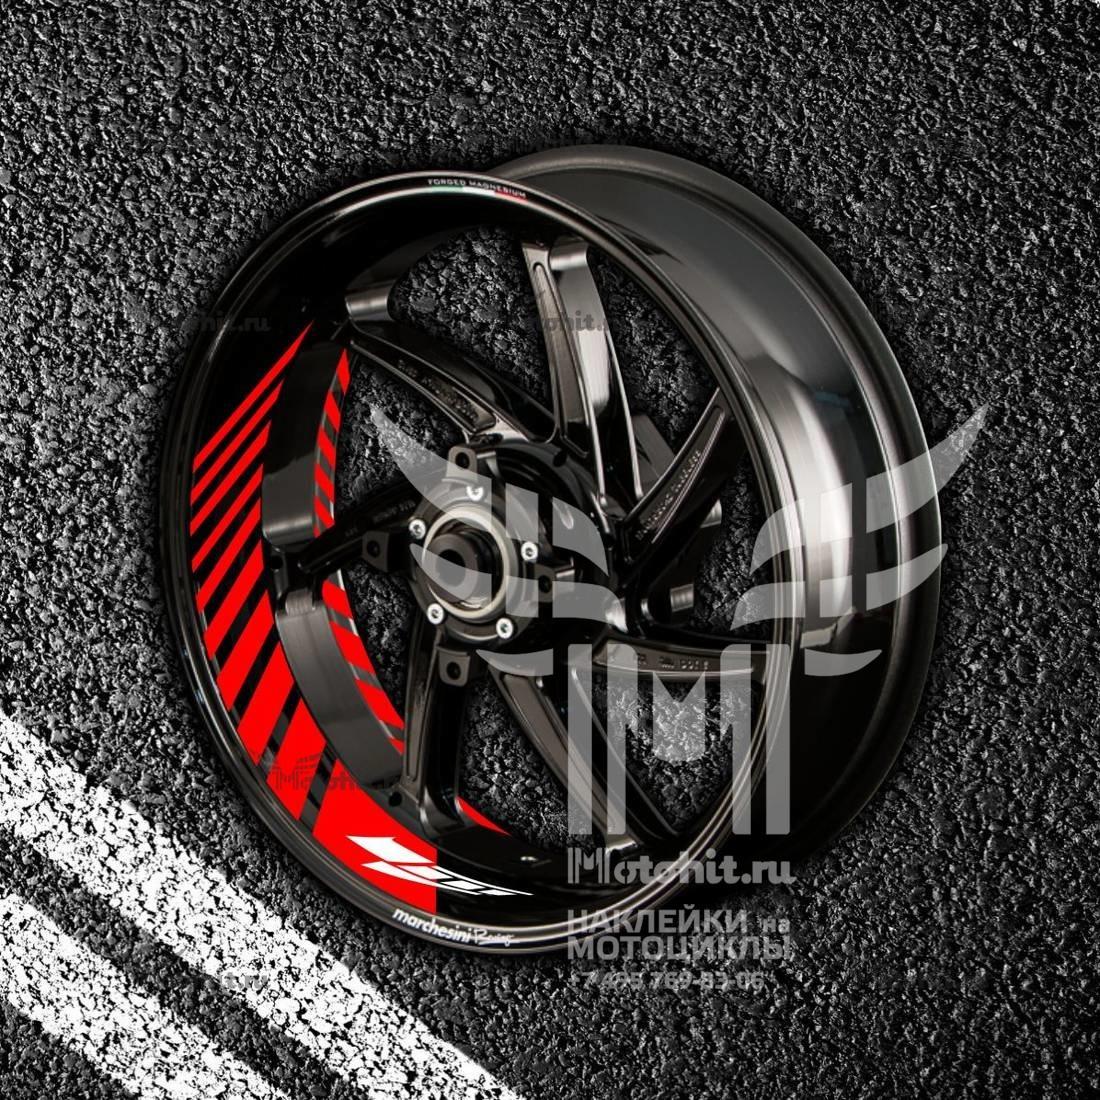 Комплект наклеек с полосами на колеса мотоцикла YAMAHA ELEMENTS